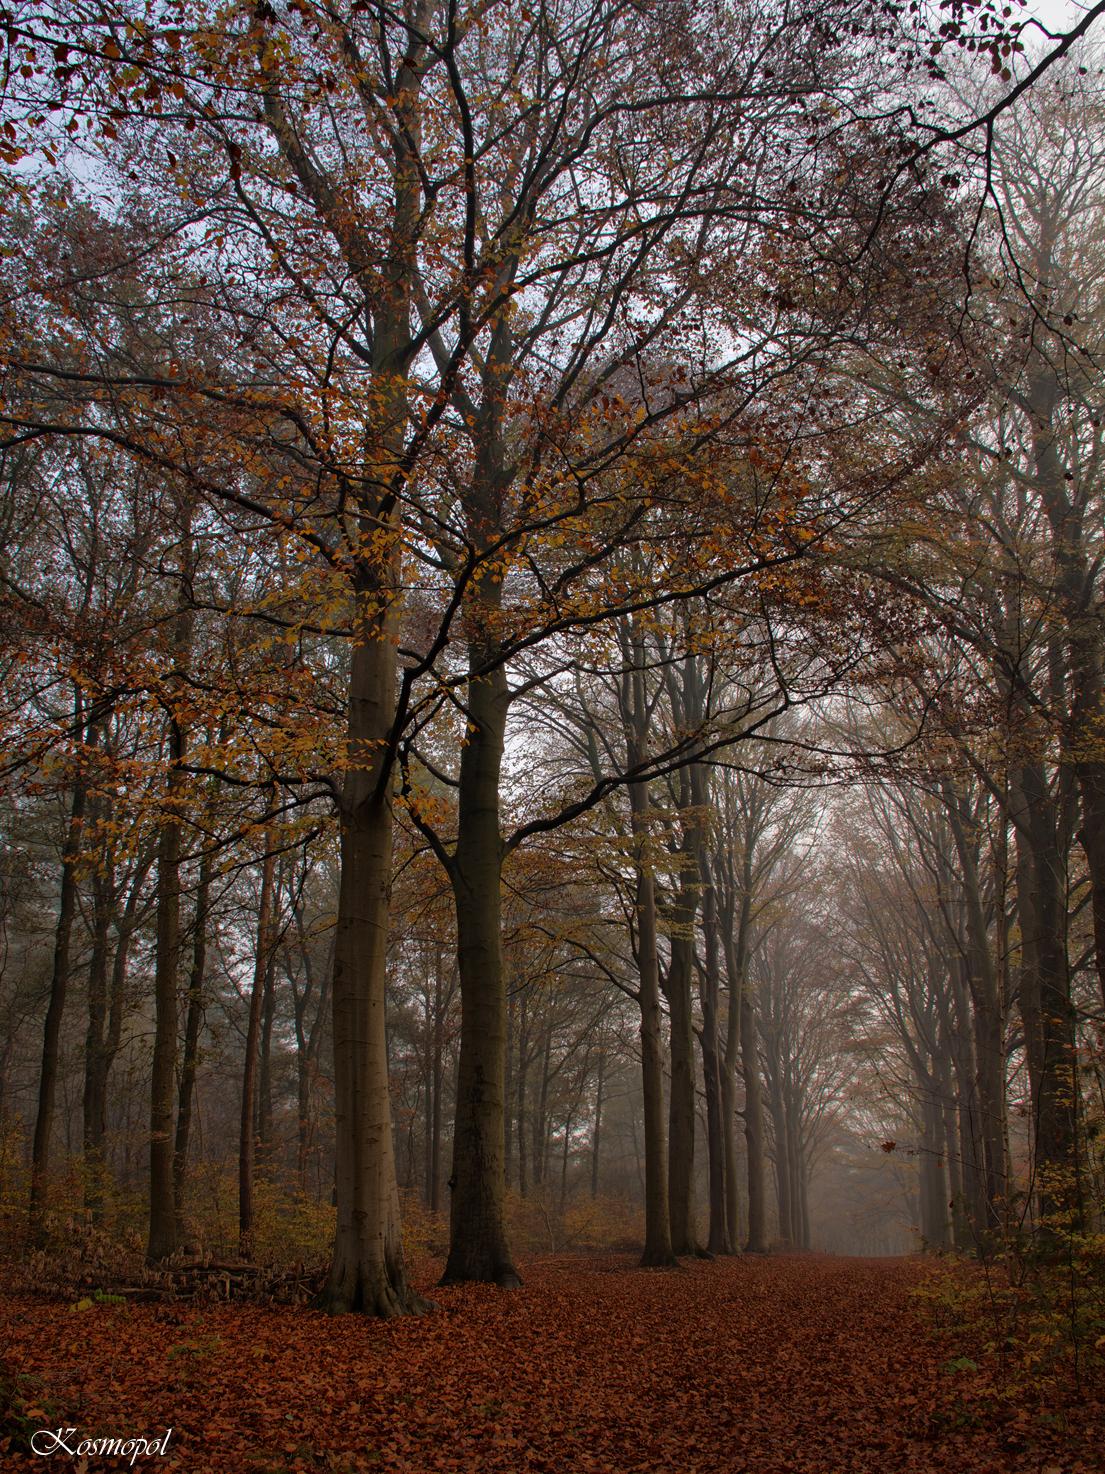 Wandelen in het bos... - Het is herfst... :) - foto door kosmopol op 24-11-2011 - deze foto bevat: herfst, bos, laan, kosmopol